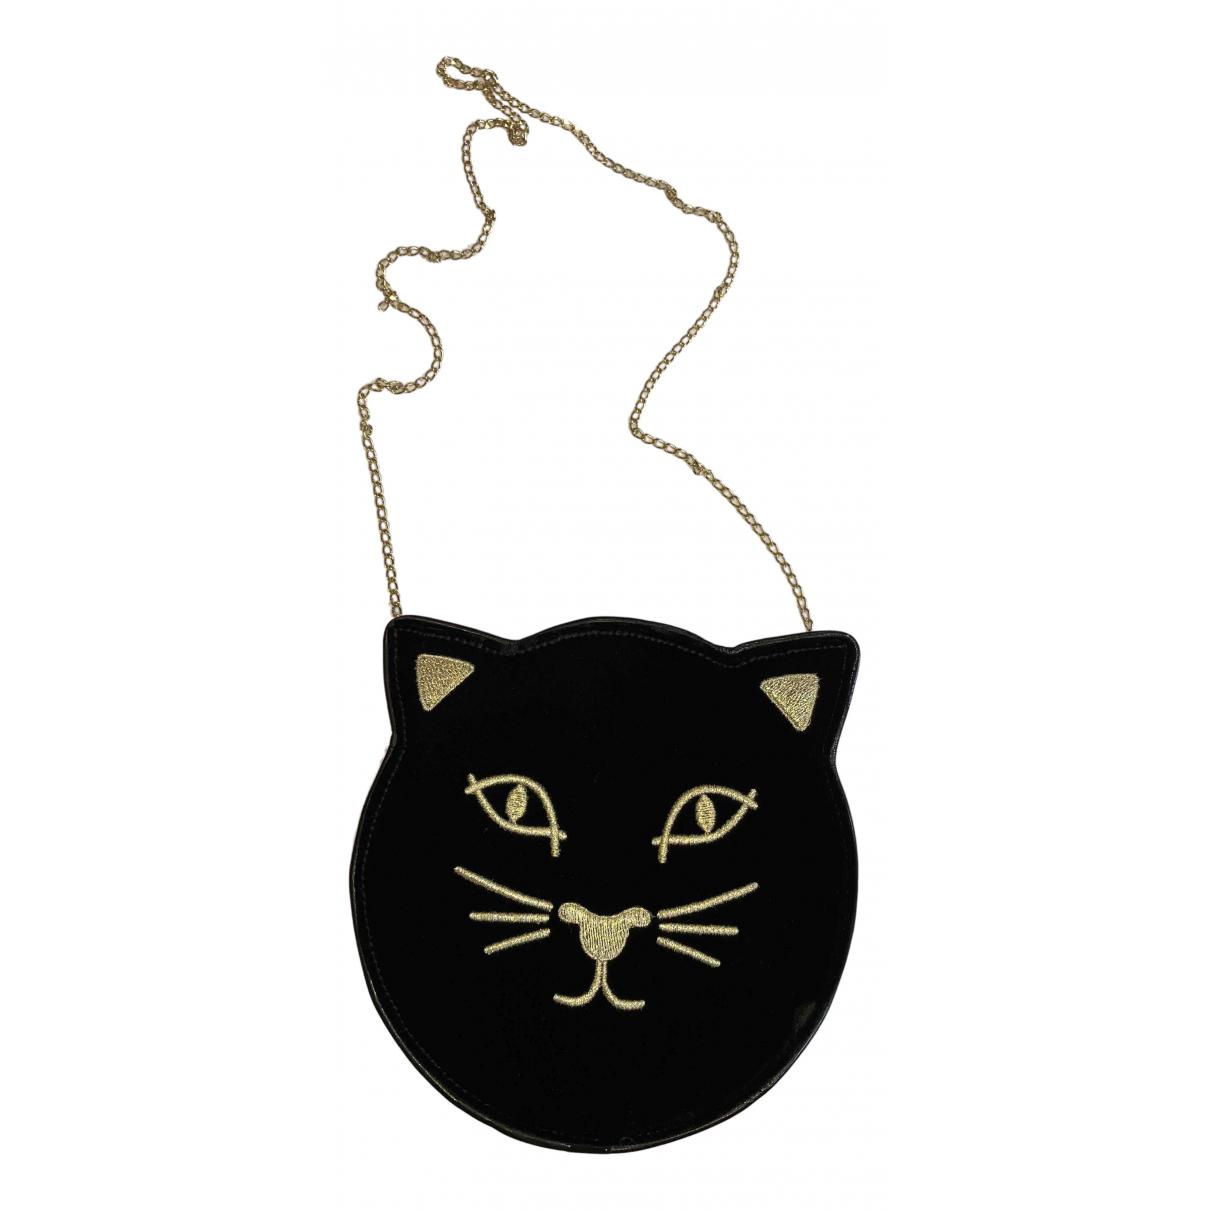 Charlotte Olympia N Black Velvet handbag for Women N